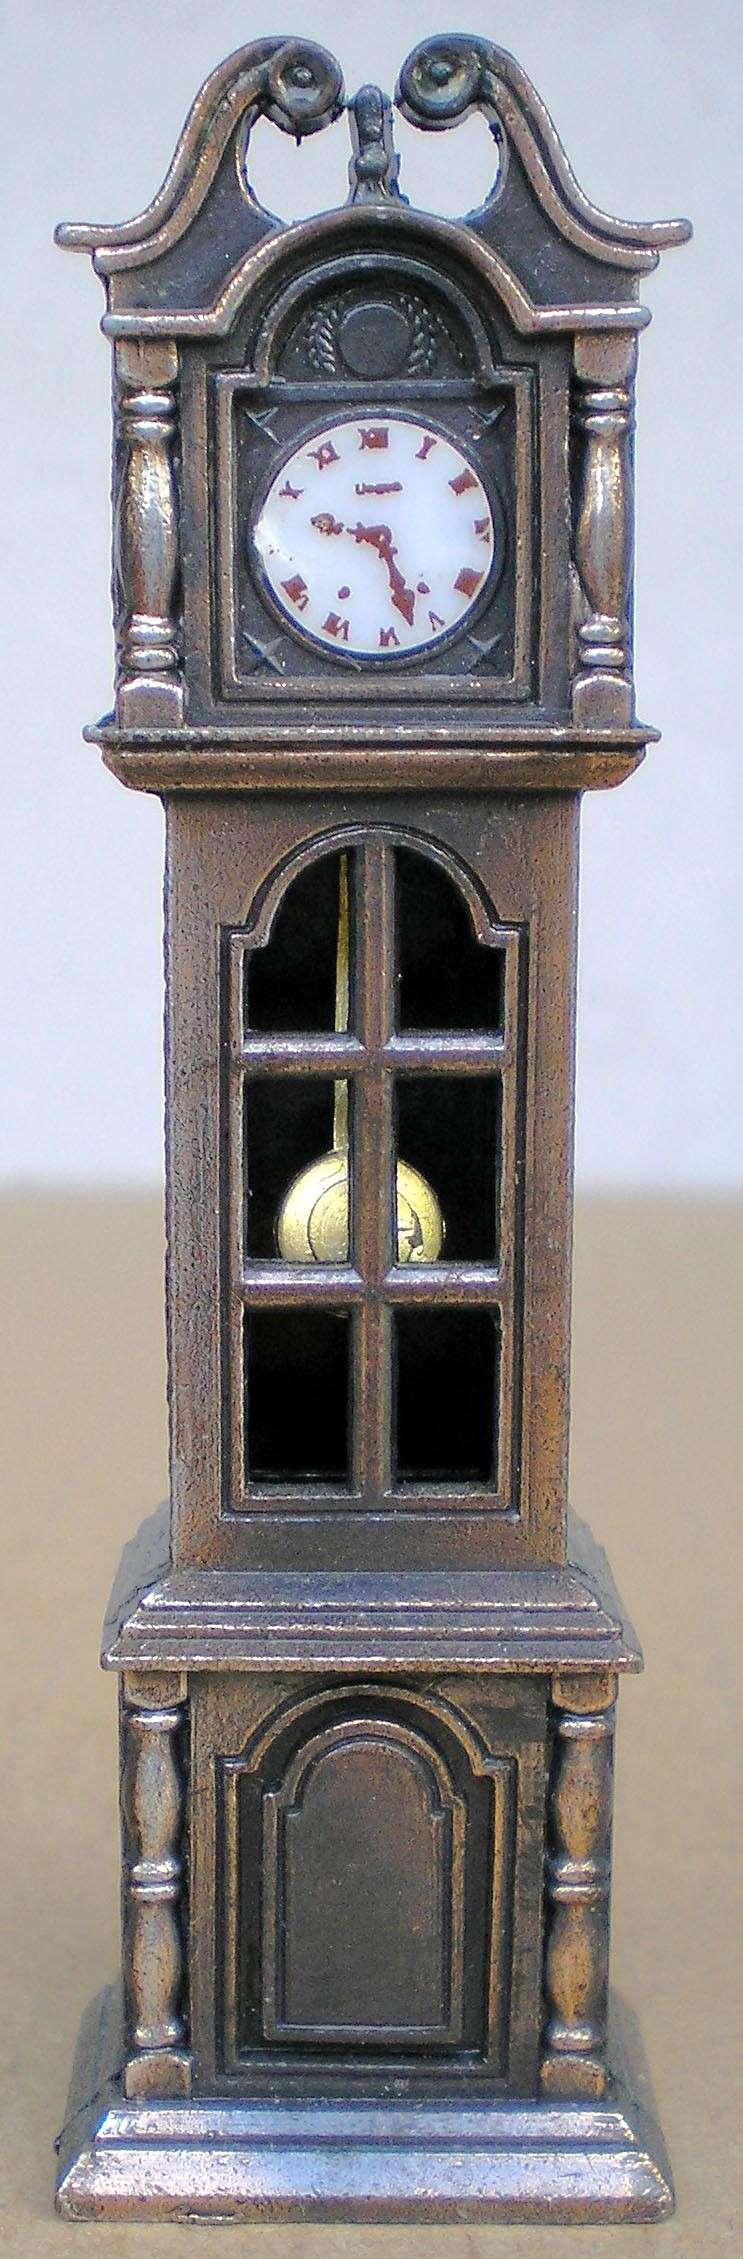 Möbel, Geschirr und ähnliche Kleinteile zur Figurengröße 7 cm Anspit14